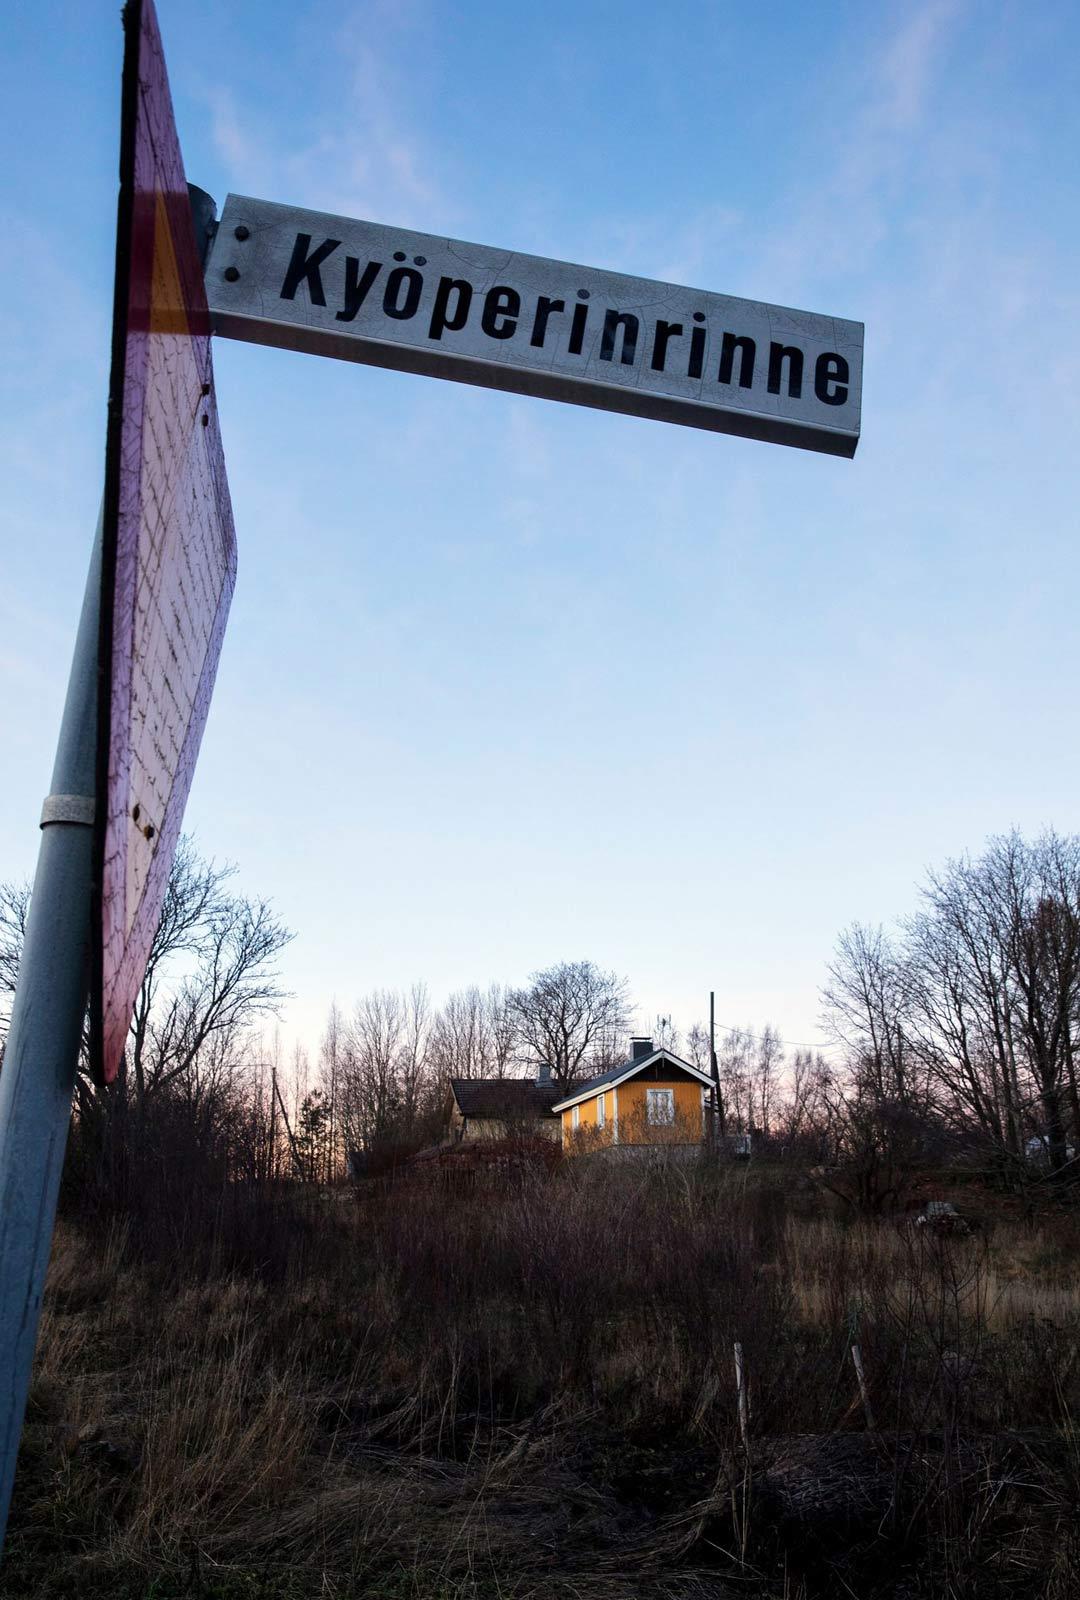 Lydia Rantanen kirjoitti 1900- luvun alussa runojaan Kymijoen rannalla Kyöperilän kylässä. Nykyisin paikka tunnetaan Kouvolan Kuusankoskella Kyöperinrinteenä.